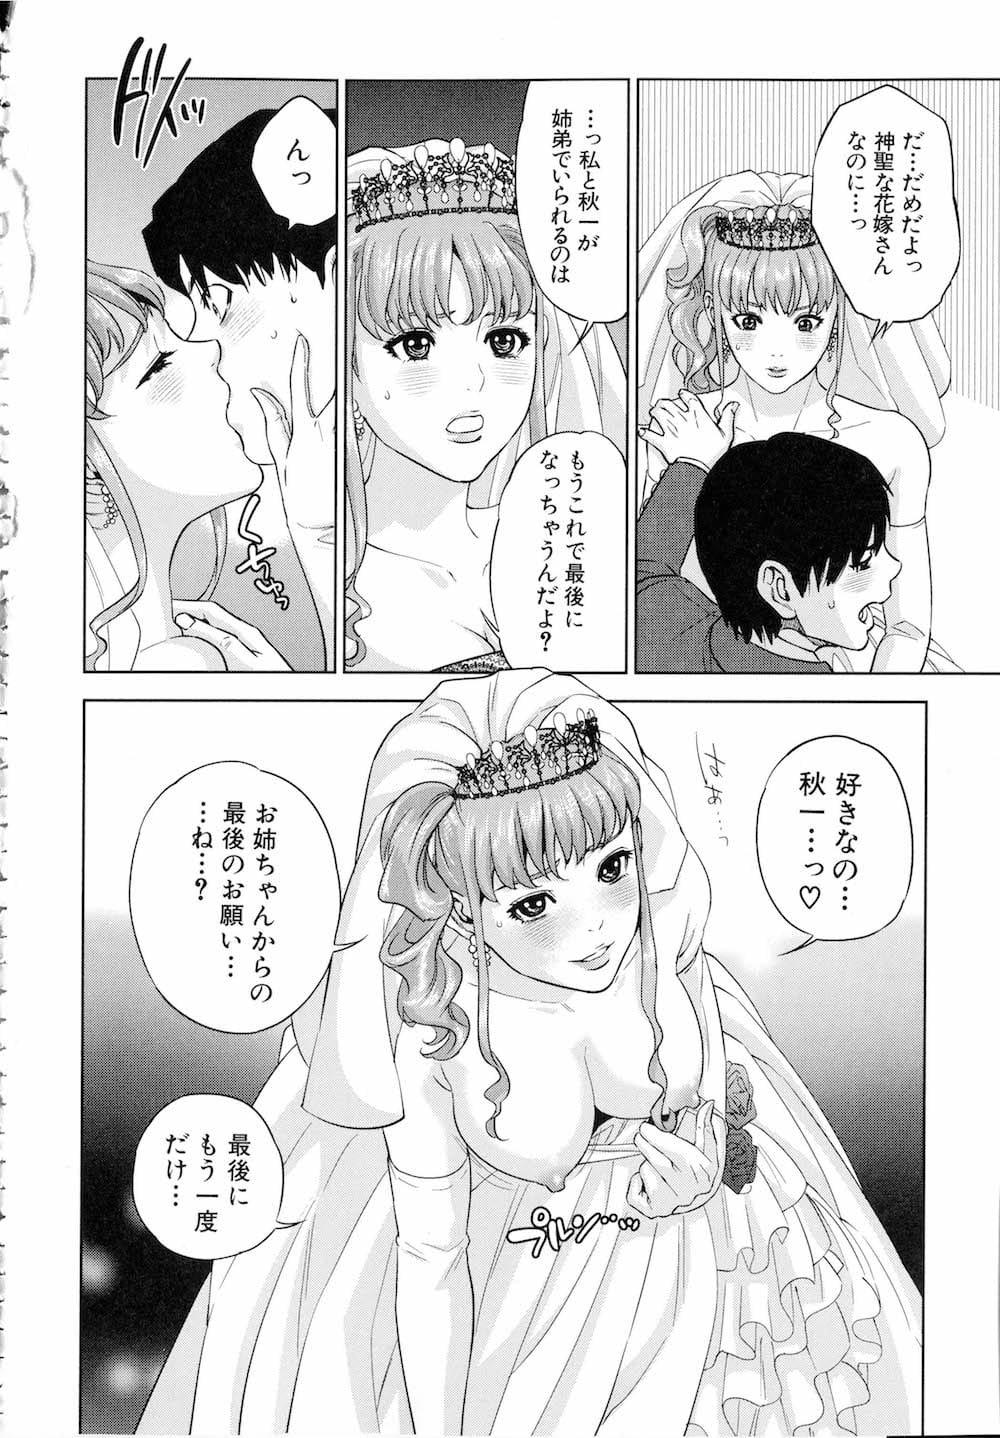 【エロ漫画・同人誌】結婚式直前のウエディングドレス姿の姉とセックスした弟が家でもうひとりの姉も犯すwww 004